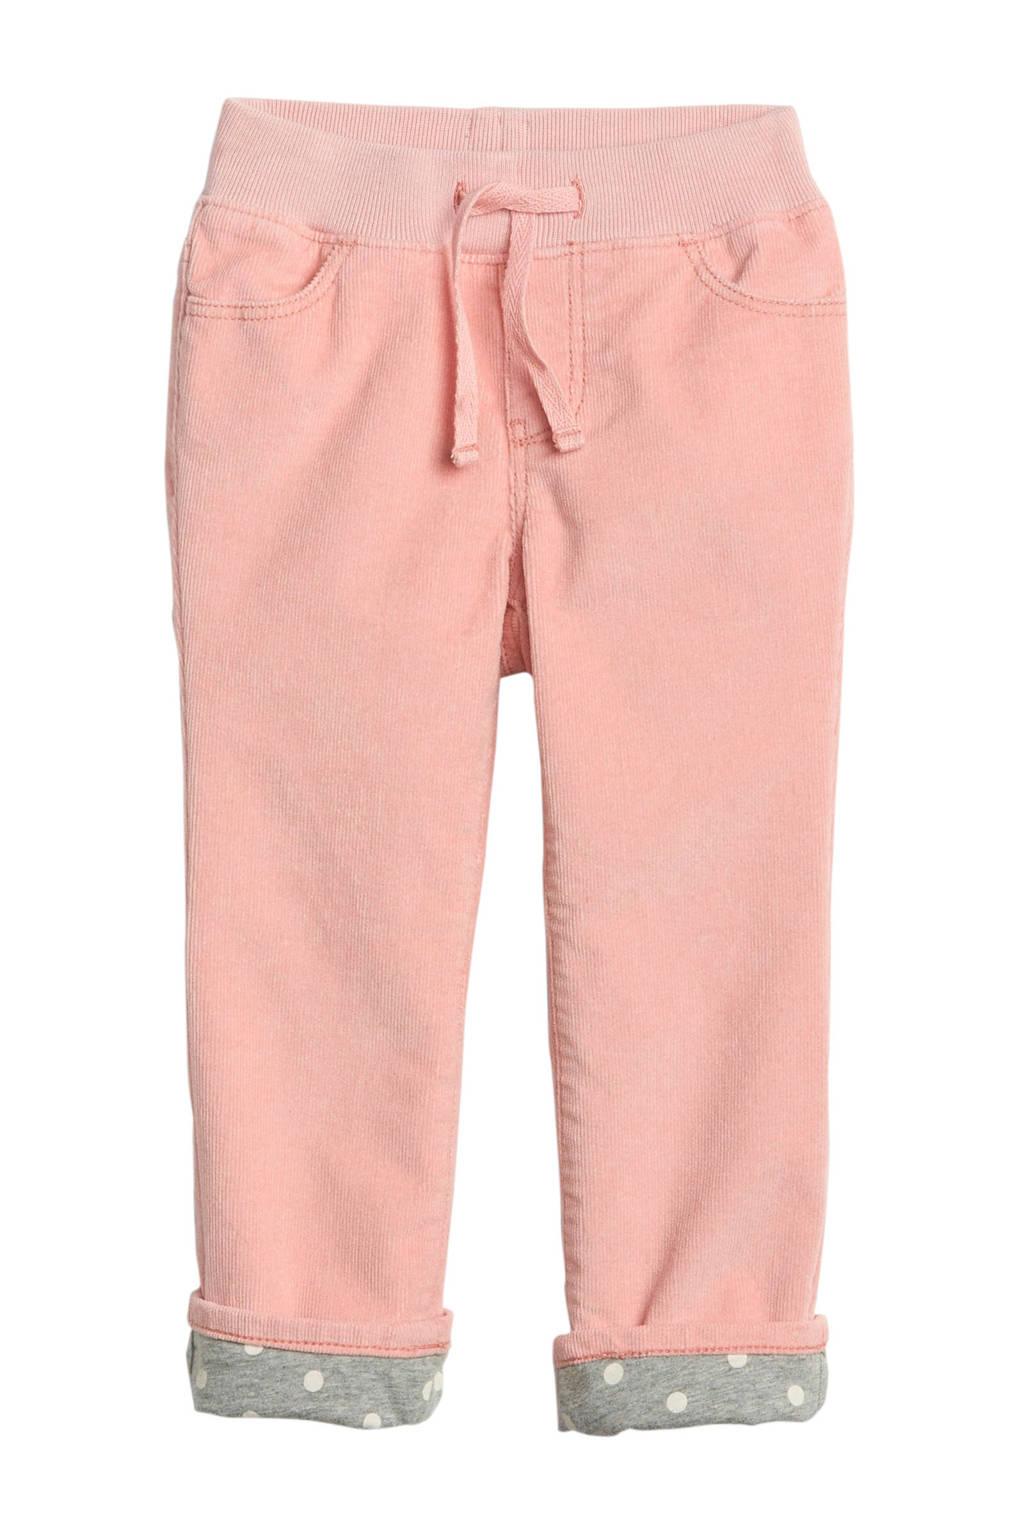 GAP corduroy broek met voering roze, Roze/grijs